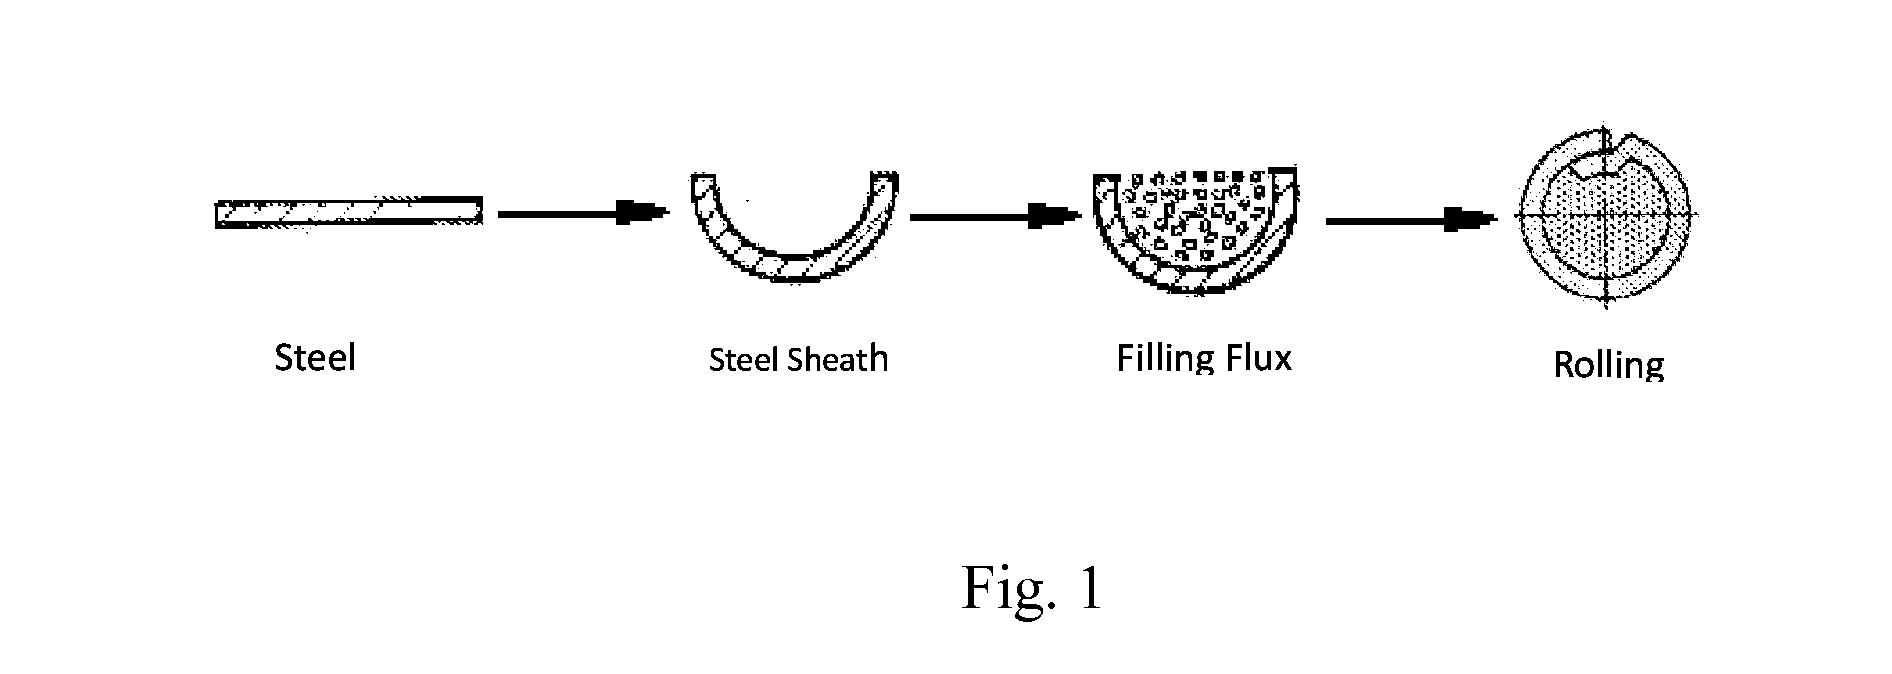 Unique Flux Core Welding Wire Classification Image Collection ...